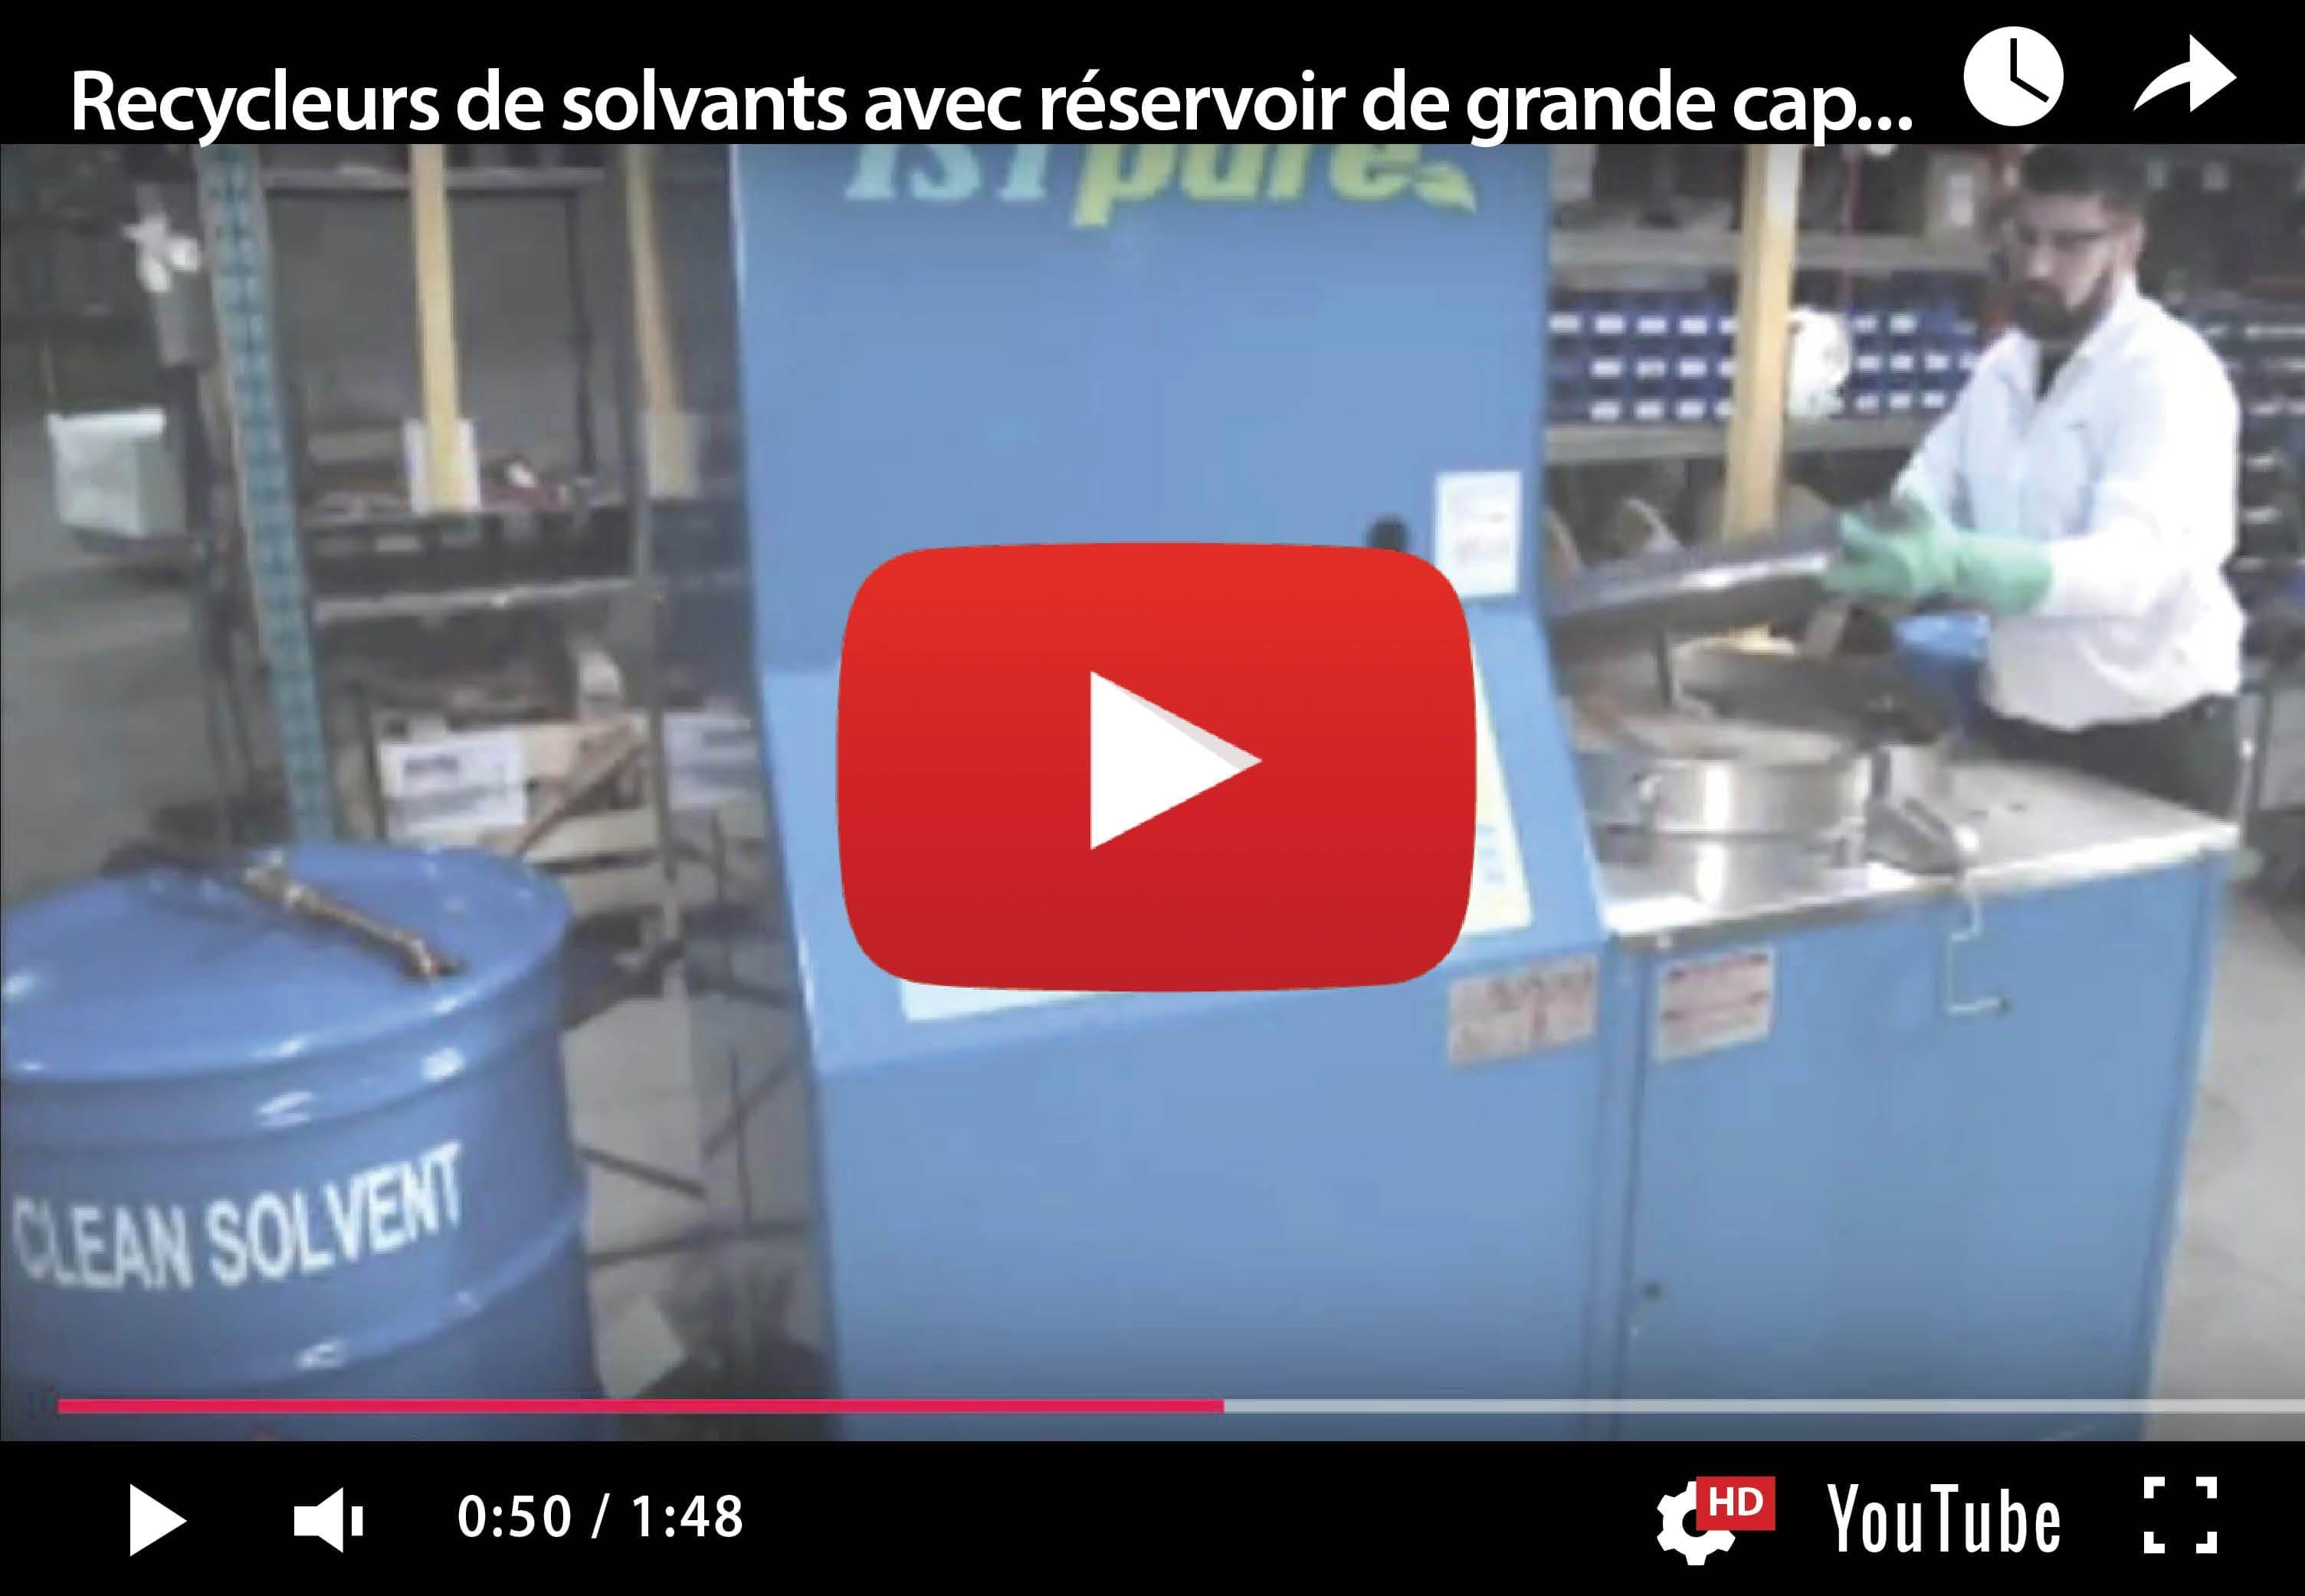 SR120-180-240 – Recycleurs de solvants par lot de grande capacité